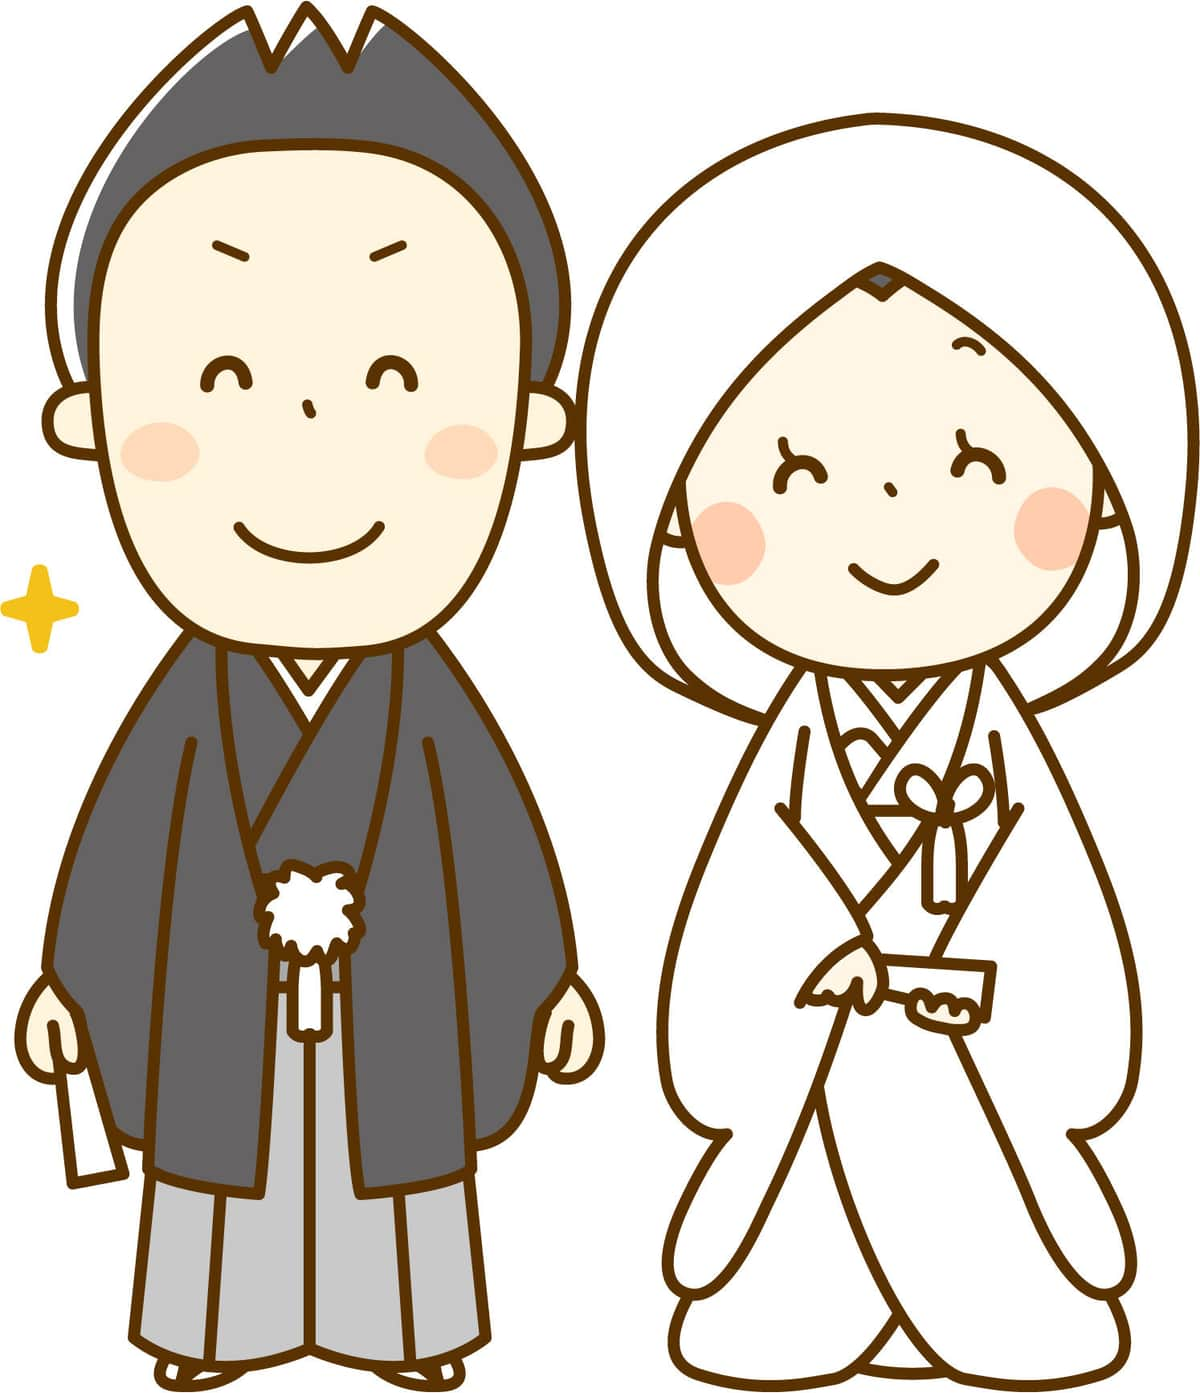 結婚は人生の節目 じゃあ、定年や早期退職は?